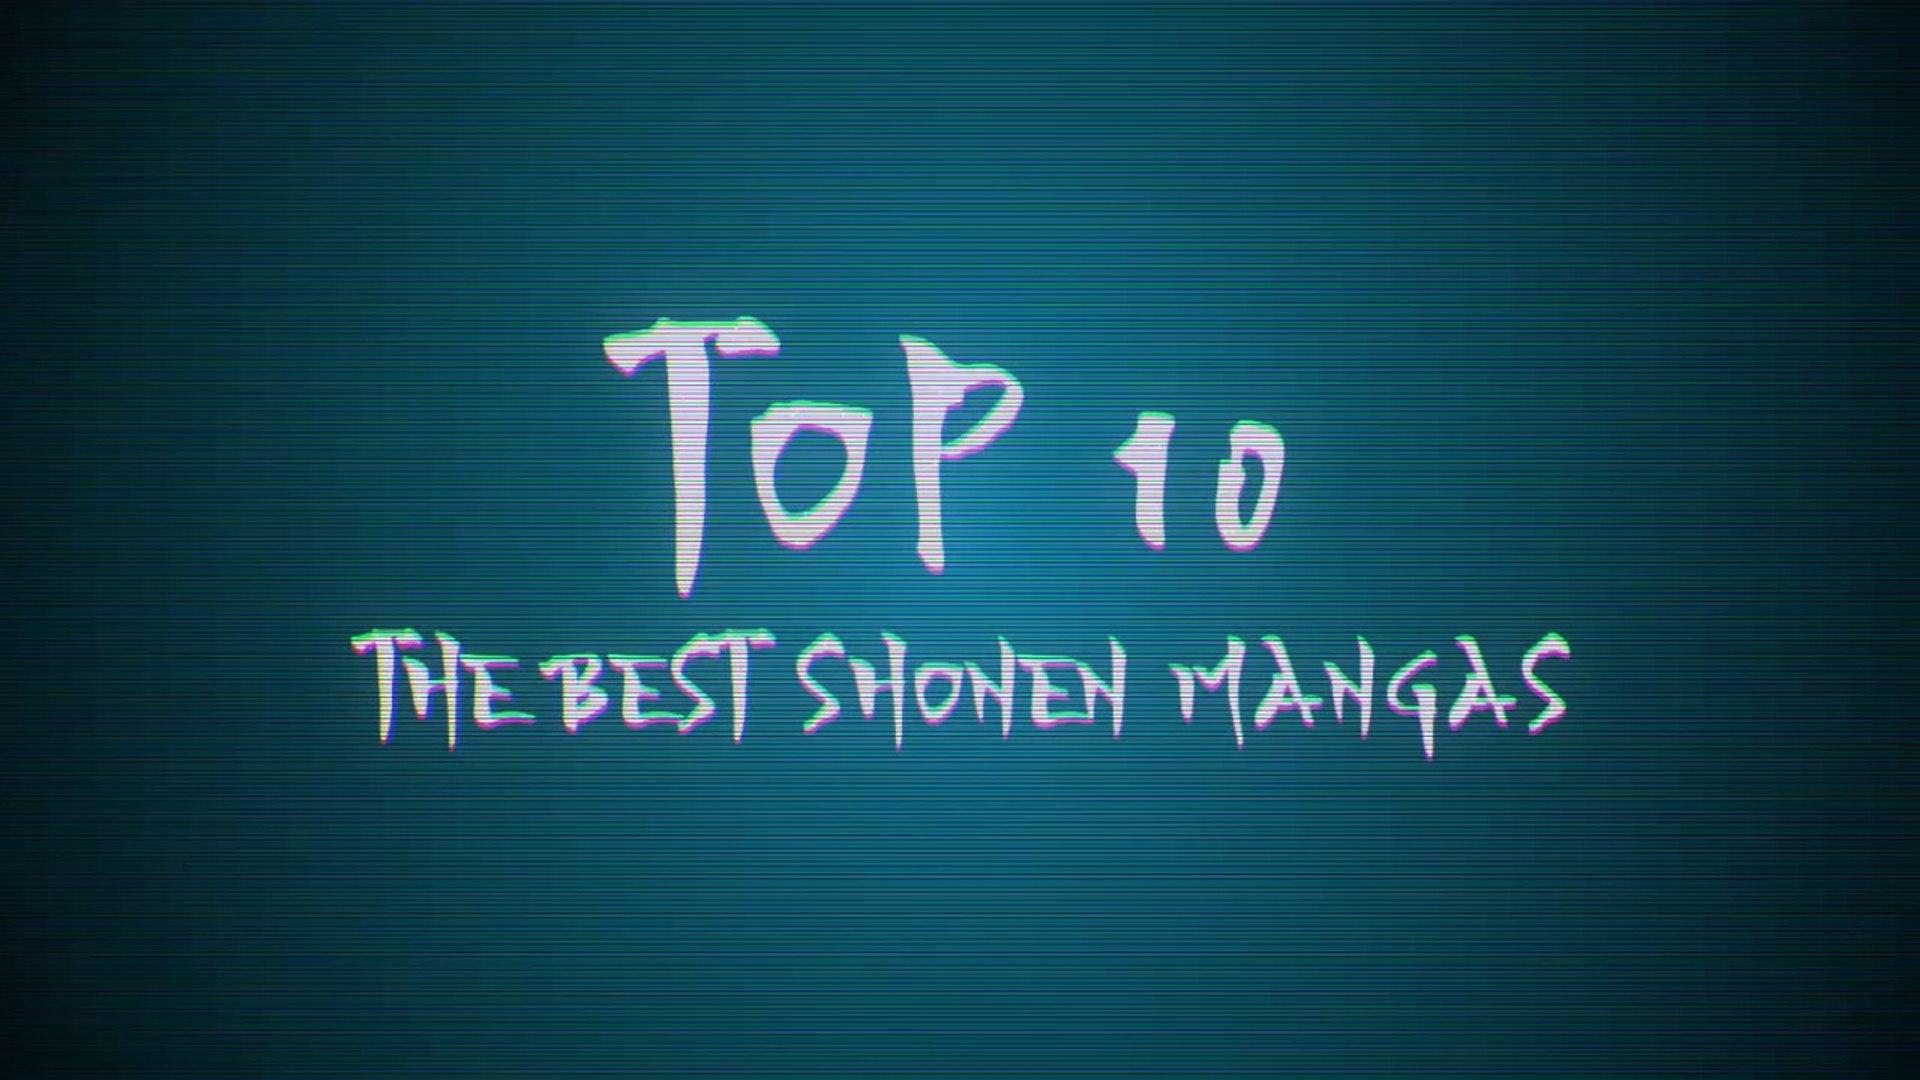 The best shonen mangas